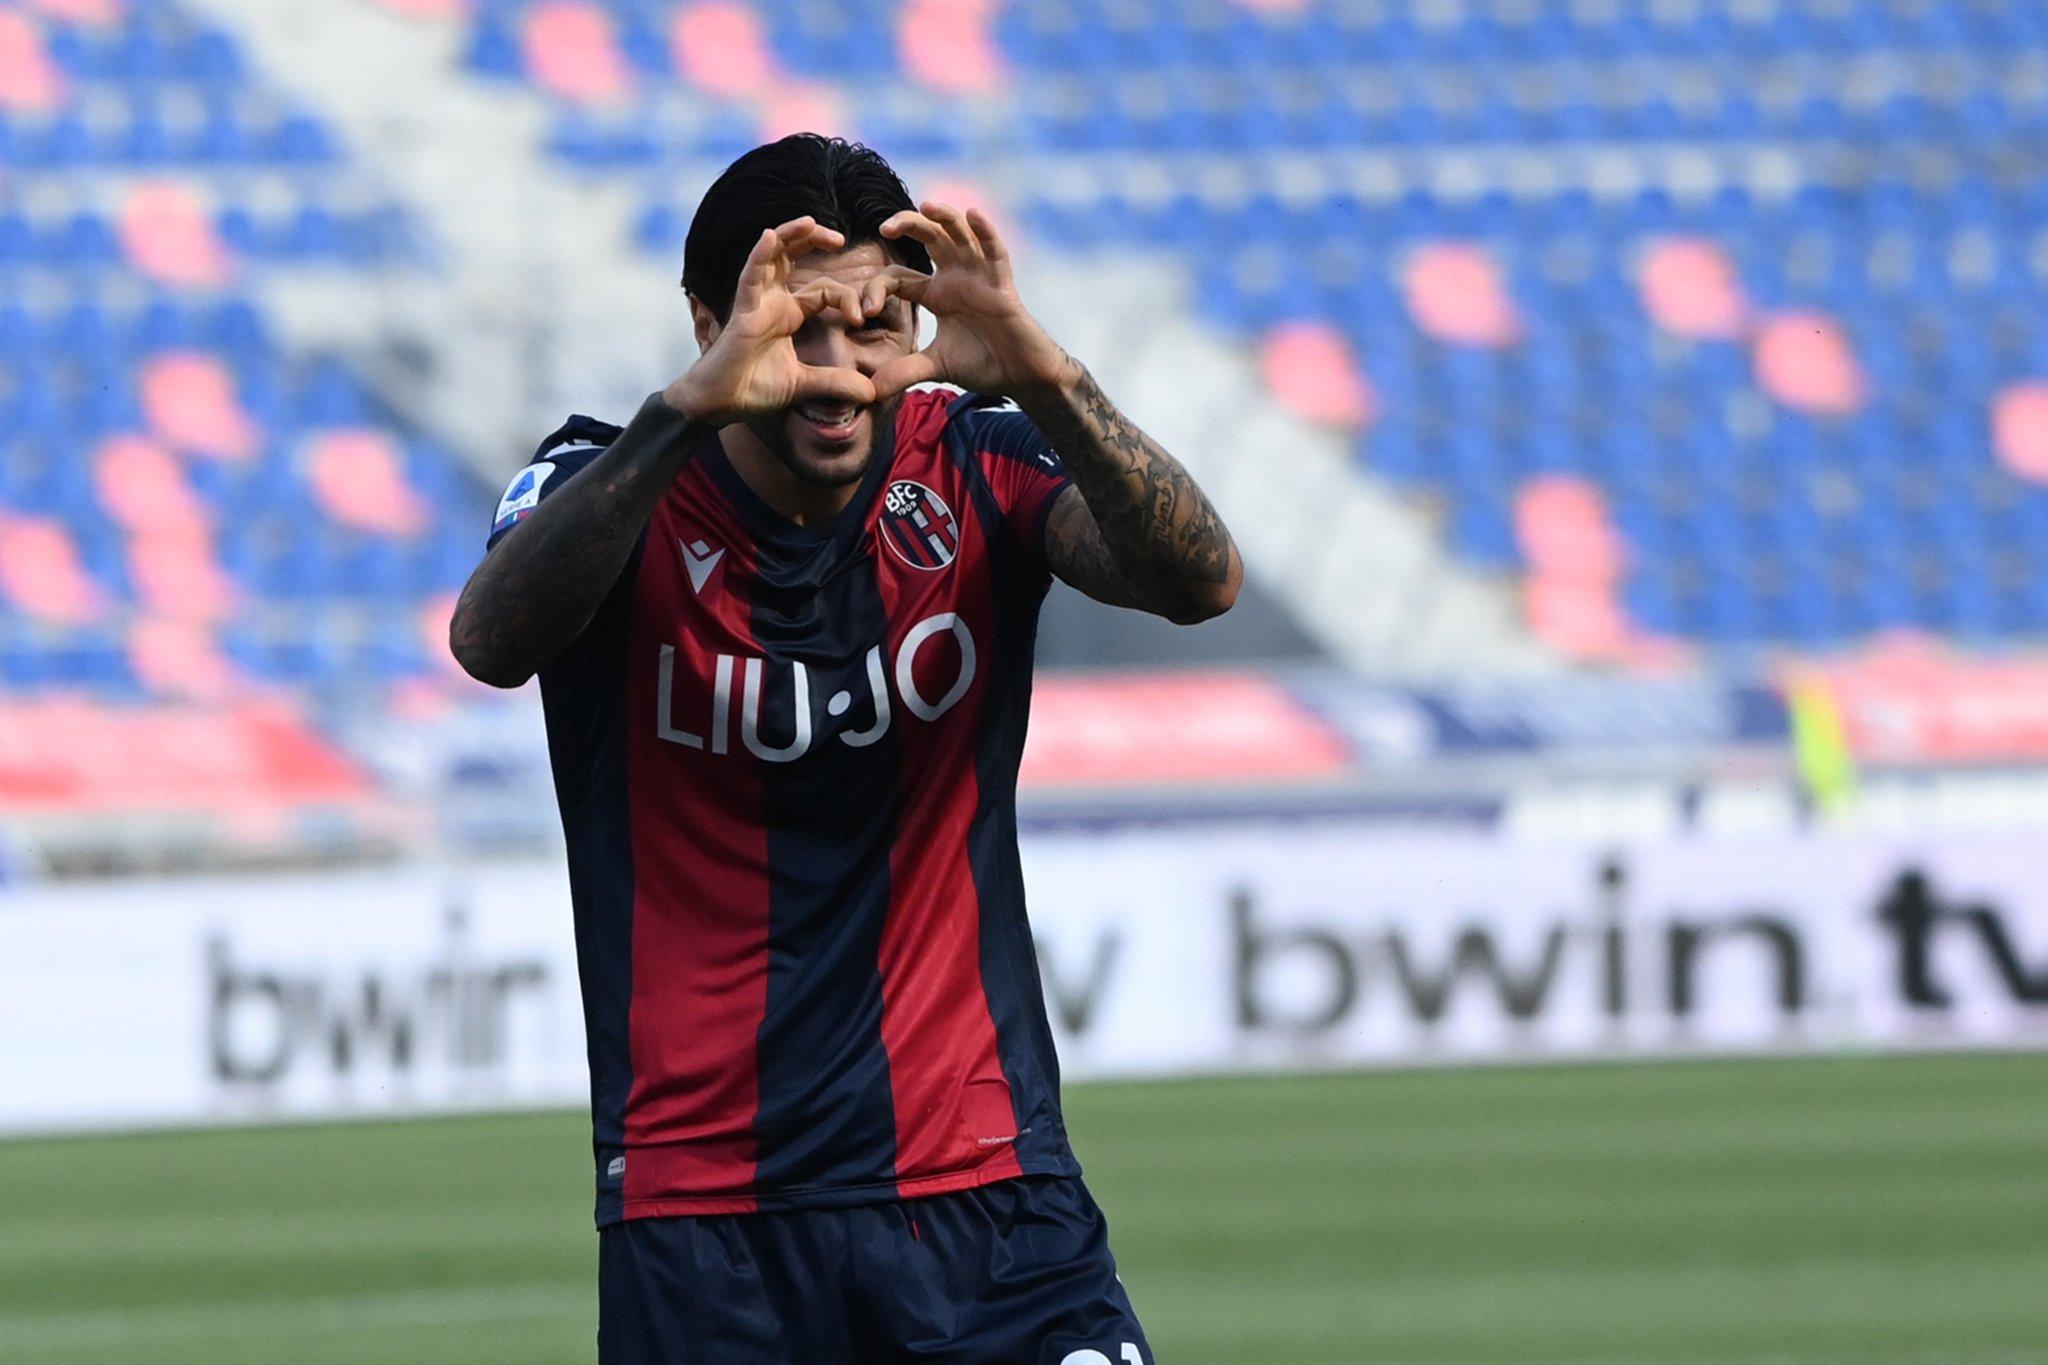 Bologna-Lecce 2-0, il risultato in diretta LIVE